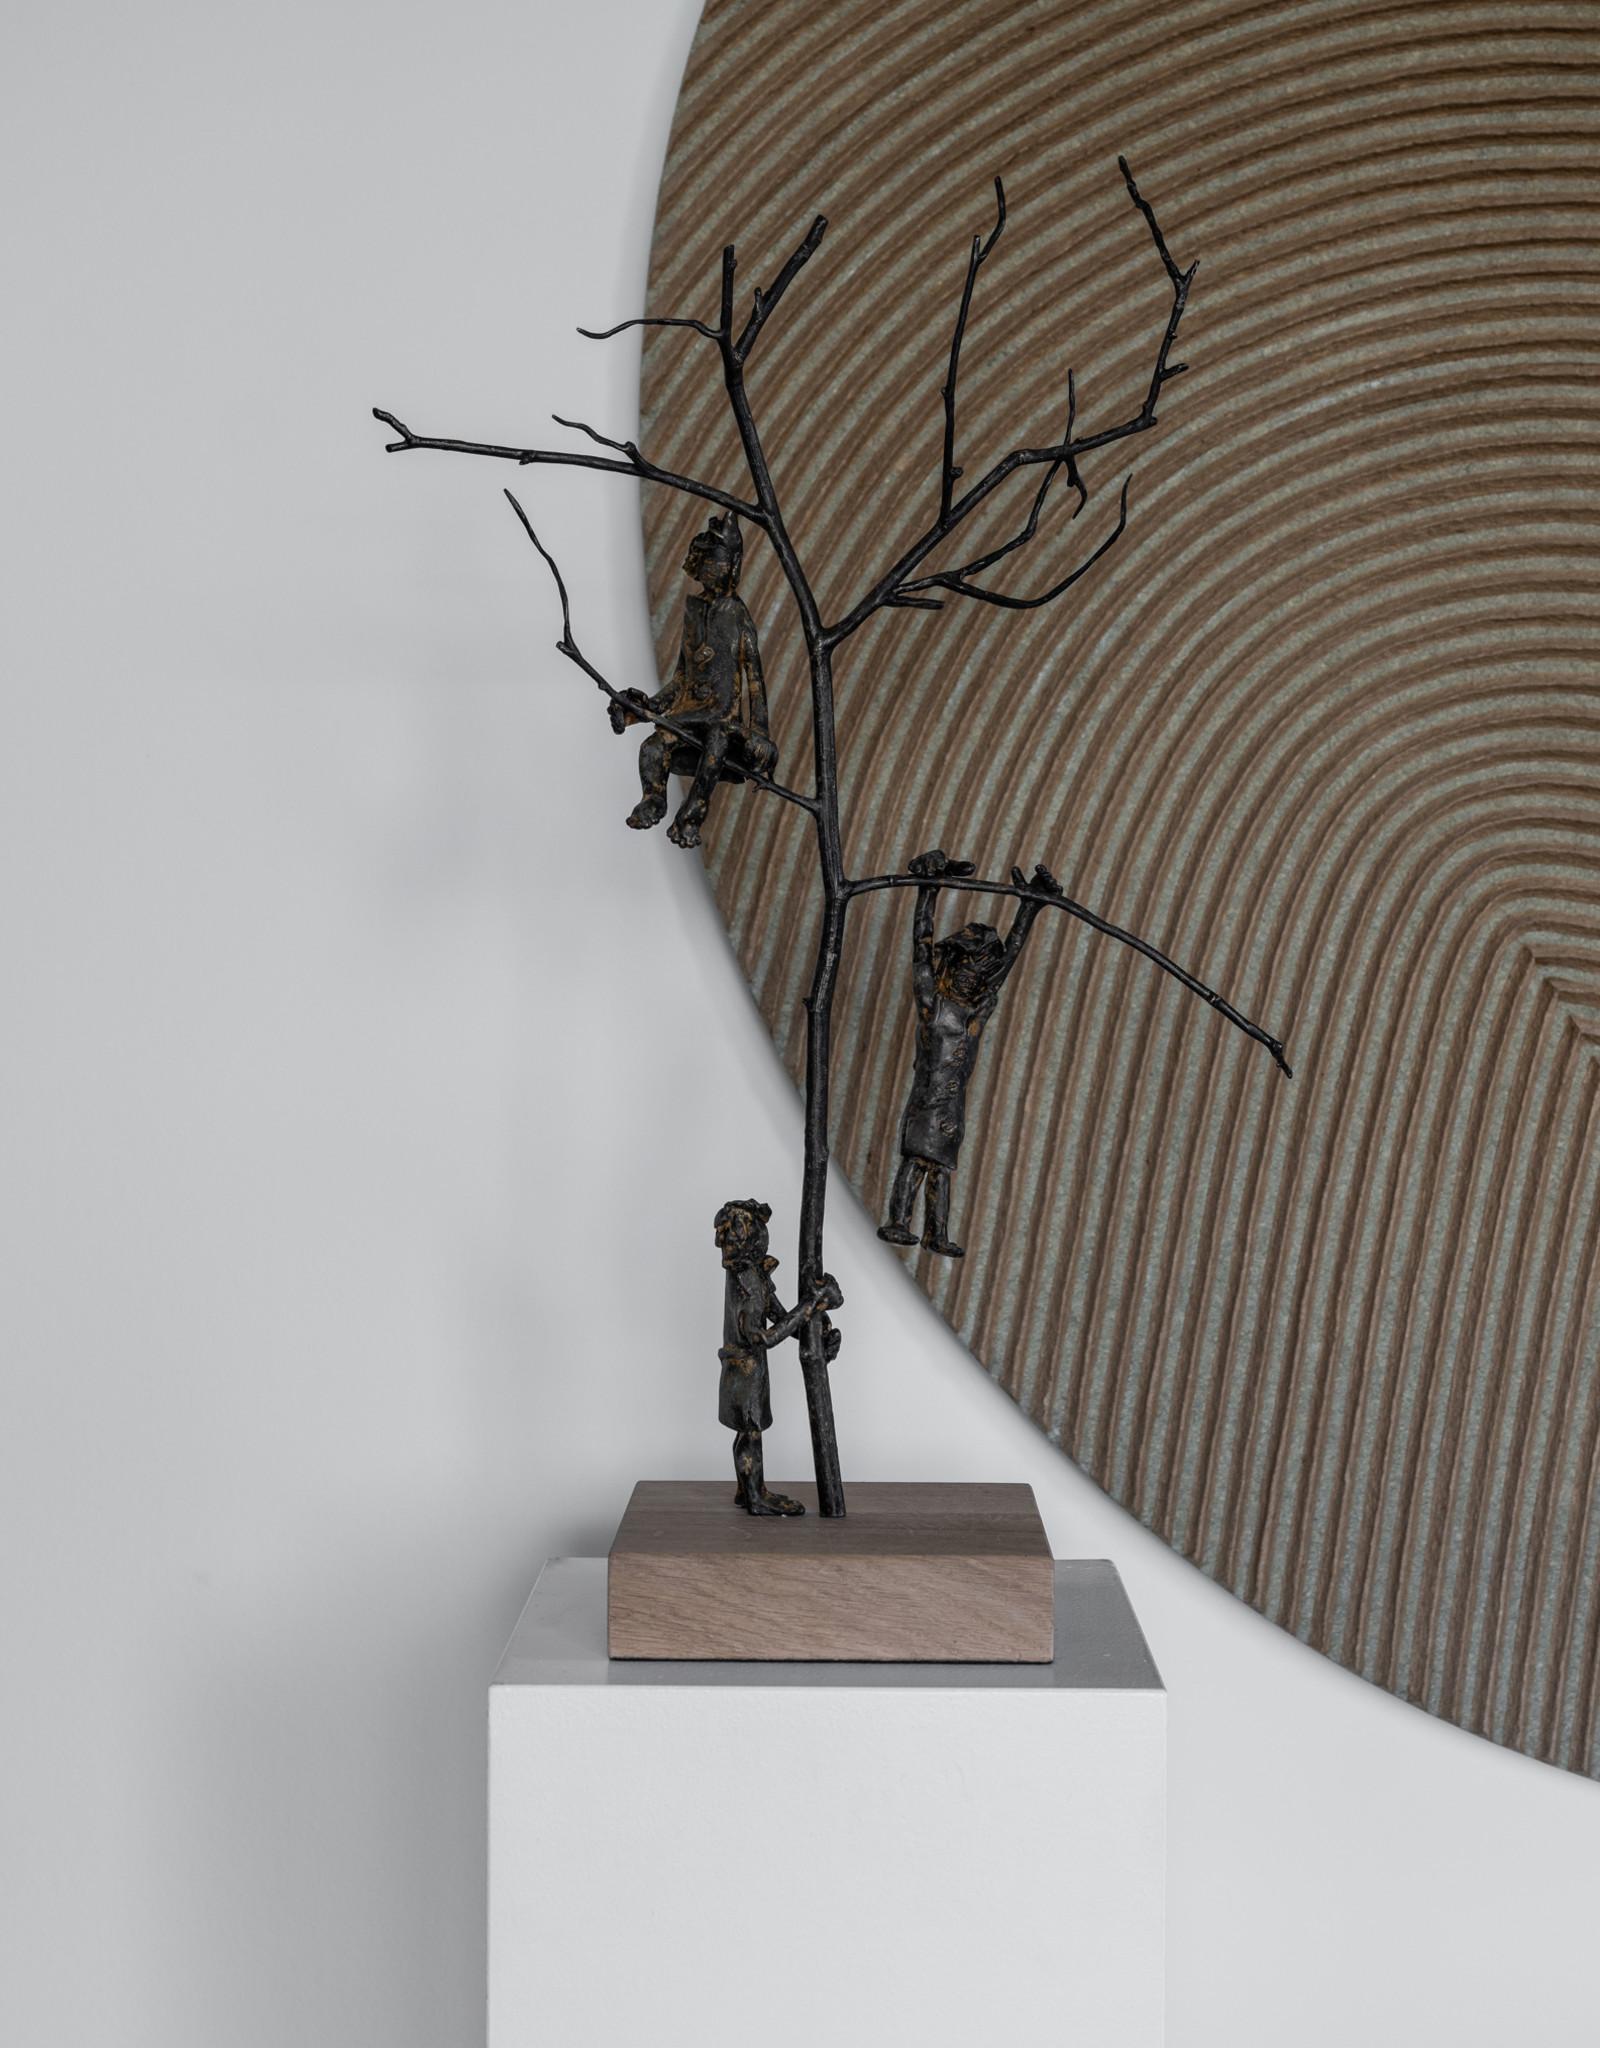 FREDDY DE WAELE TREE OF JOY - BRONZEN BEELD